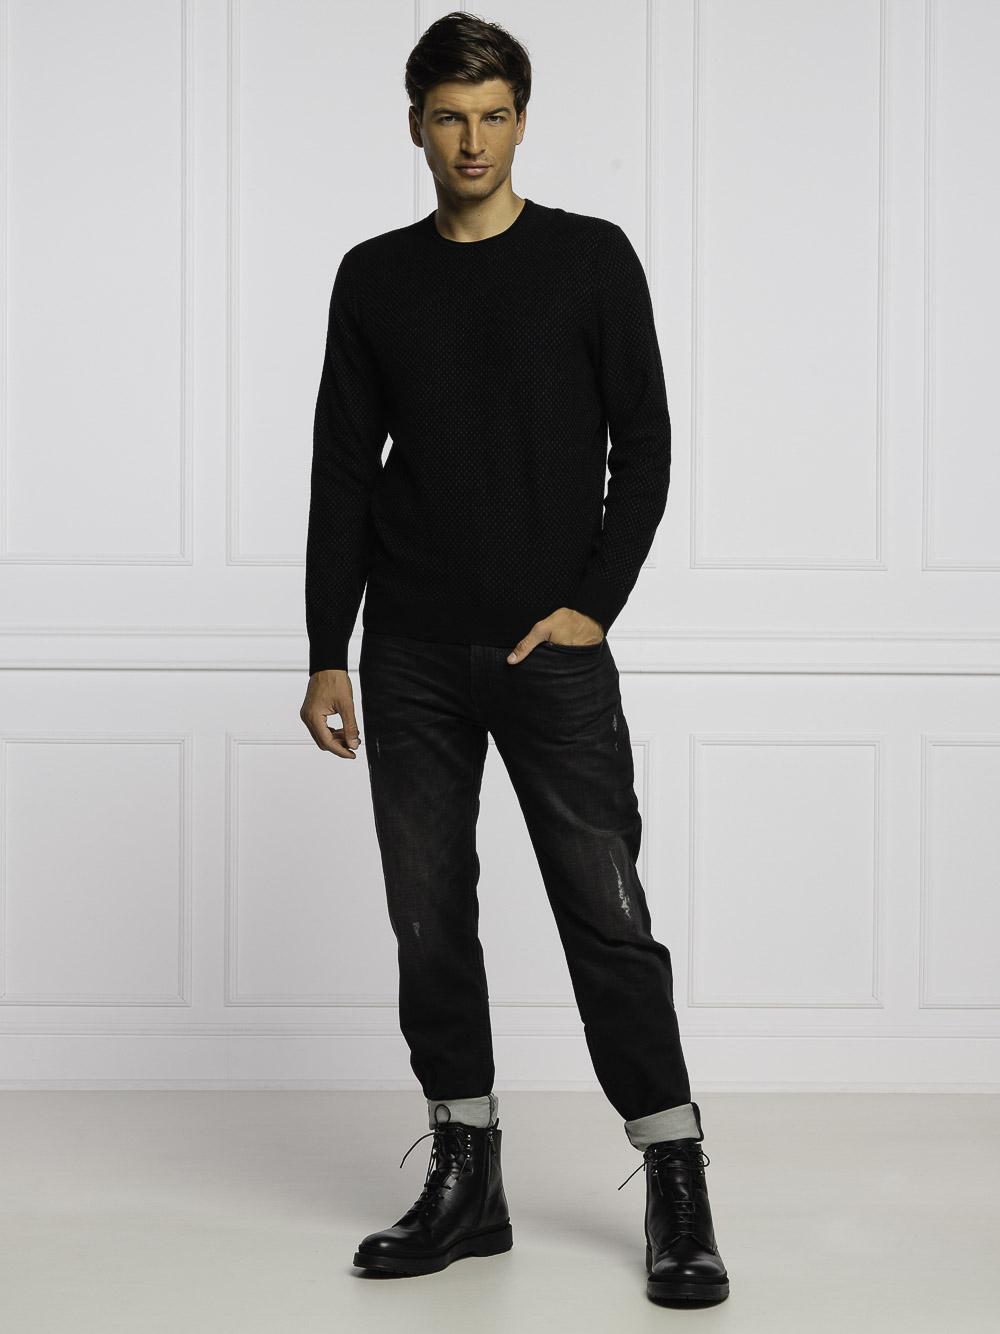 BOSS Μπλούζα πουλόβερ 50434352-001 ΜΑΥΡΟ